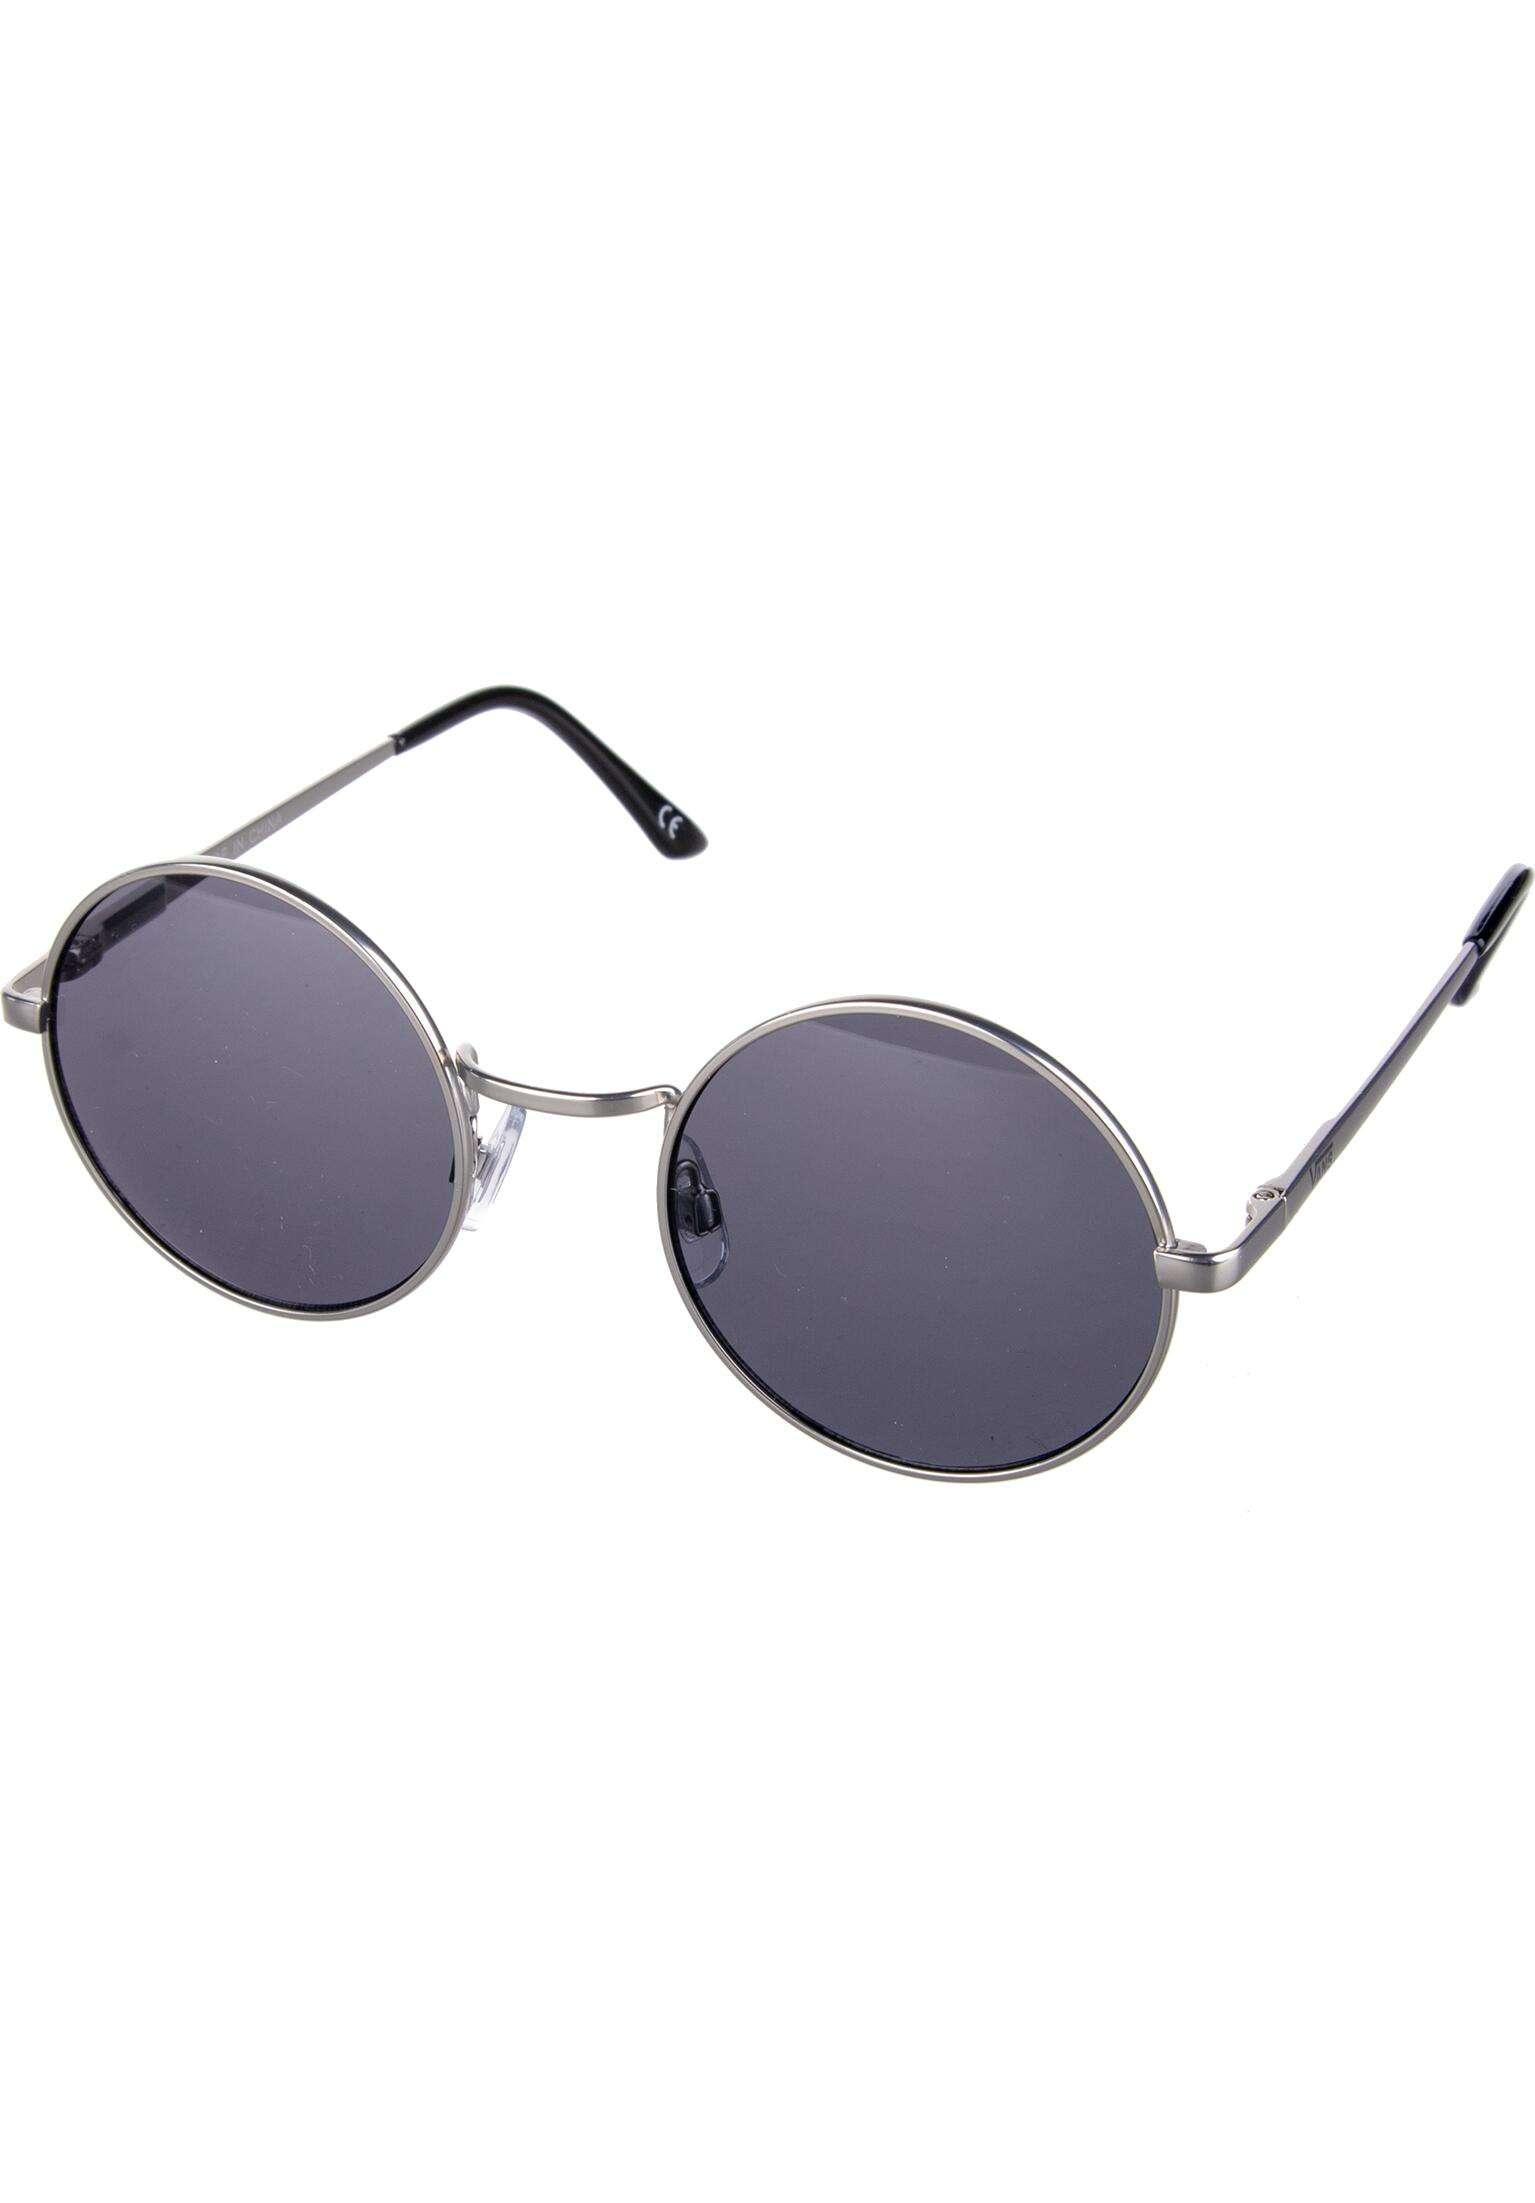 Gundry Vans Gafas de Sol in mattesilver-darksmoke für Mujer  29081eac1a6